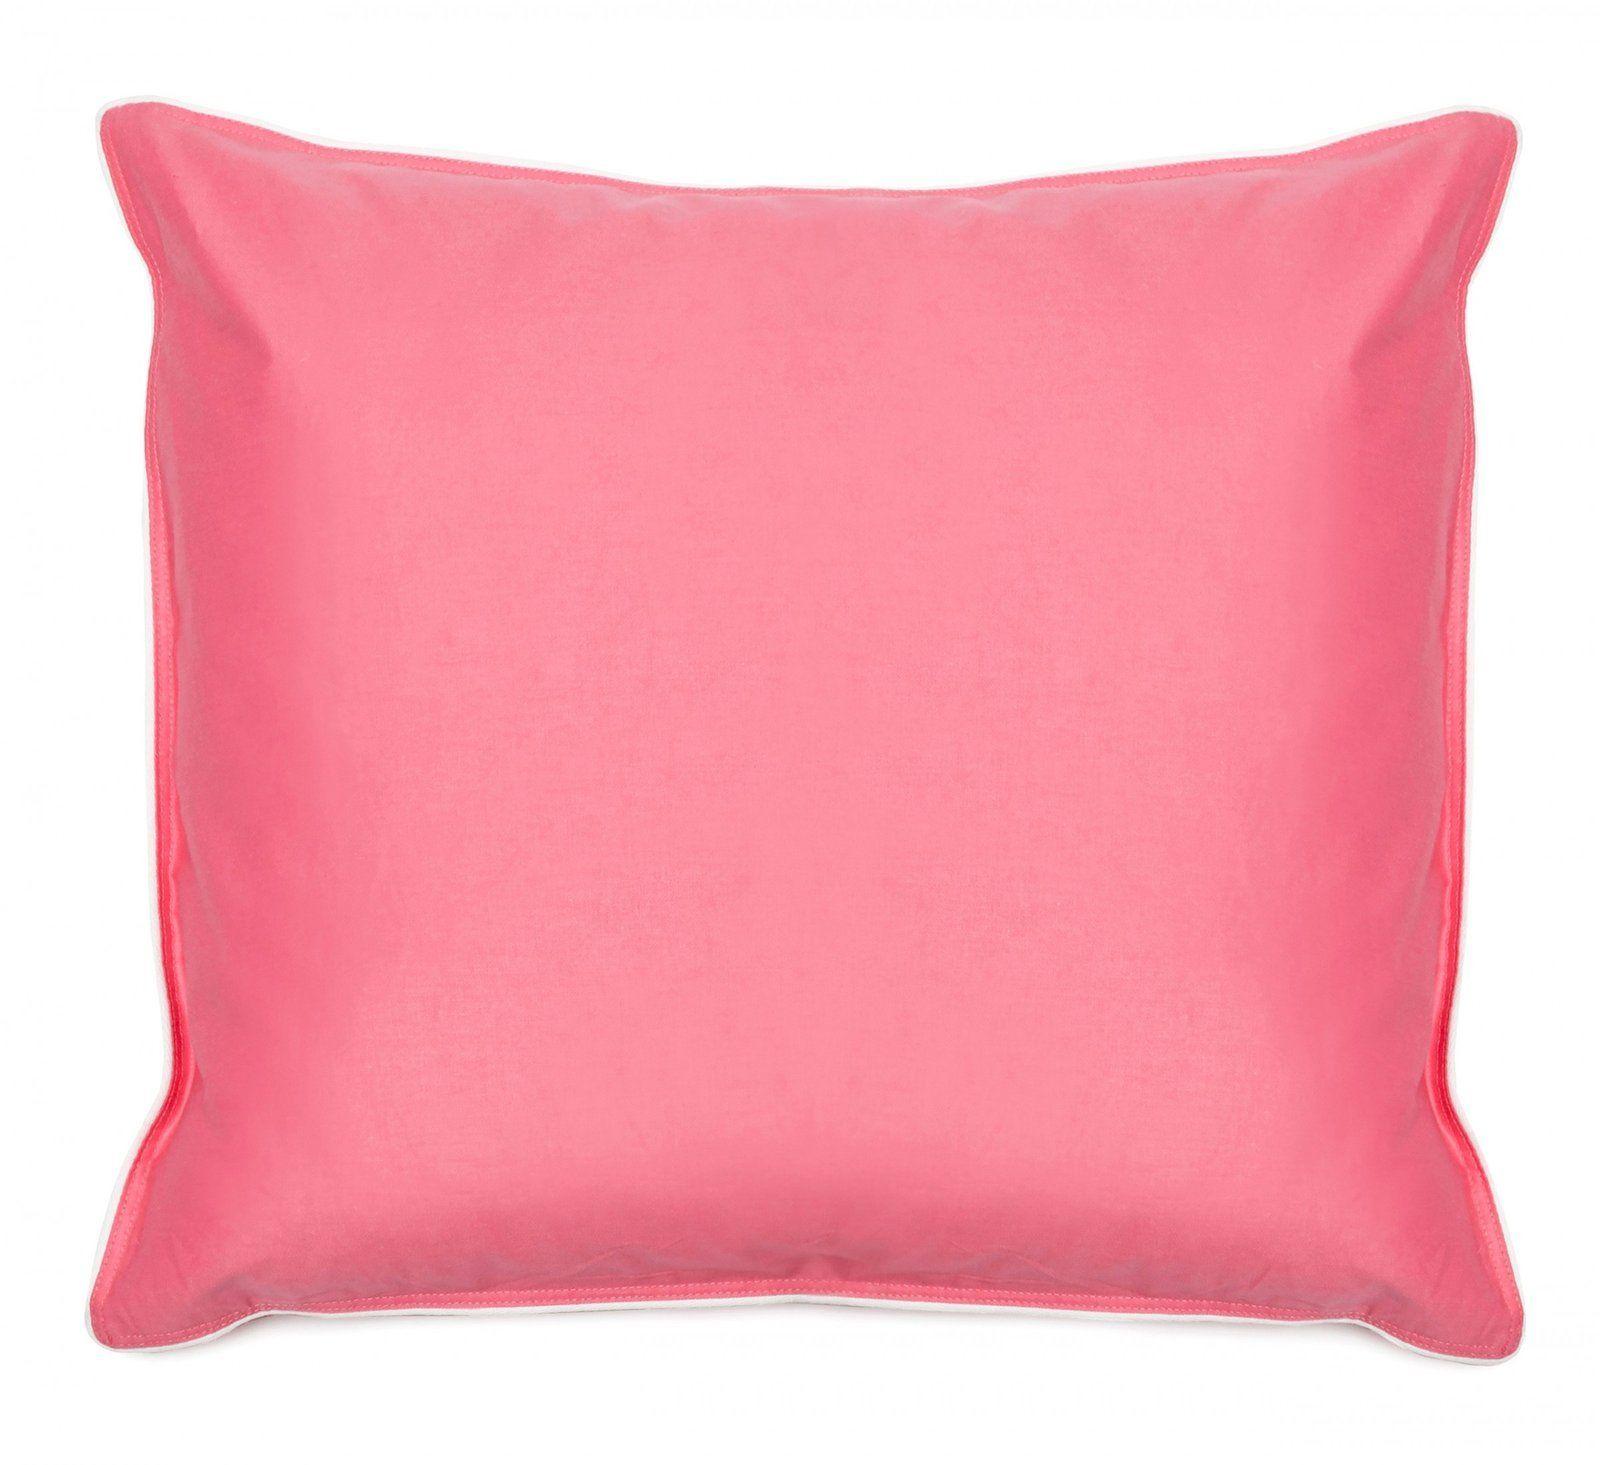 Poduszka Puchowa Różowa 50x60